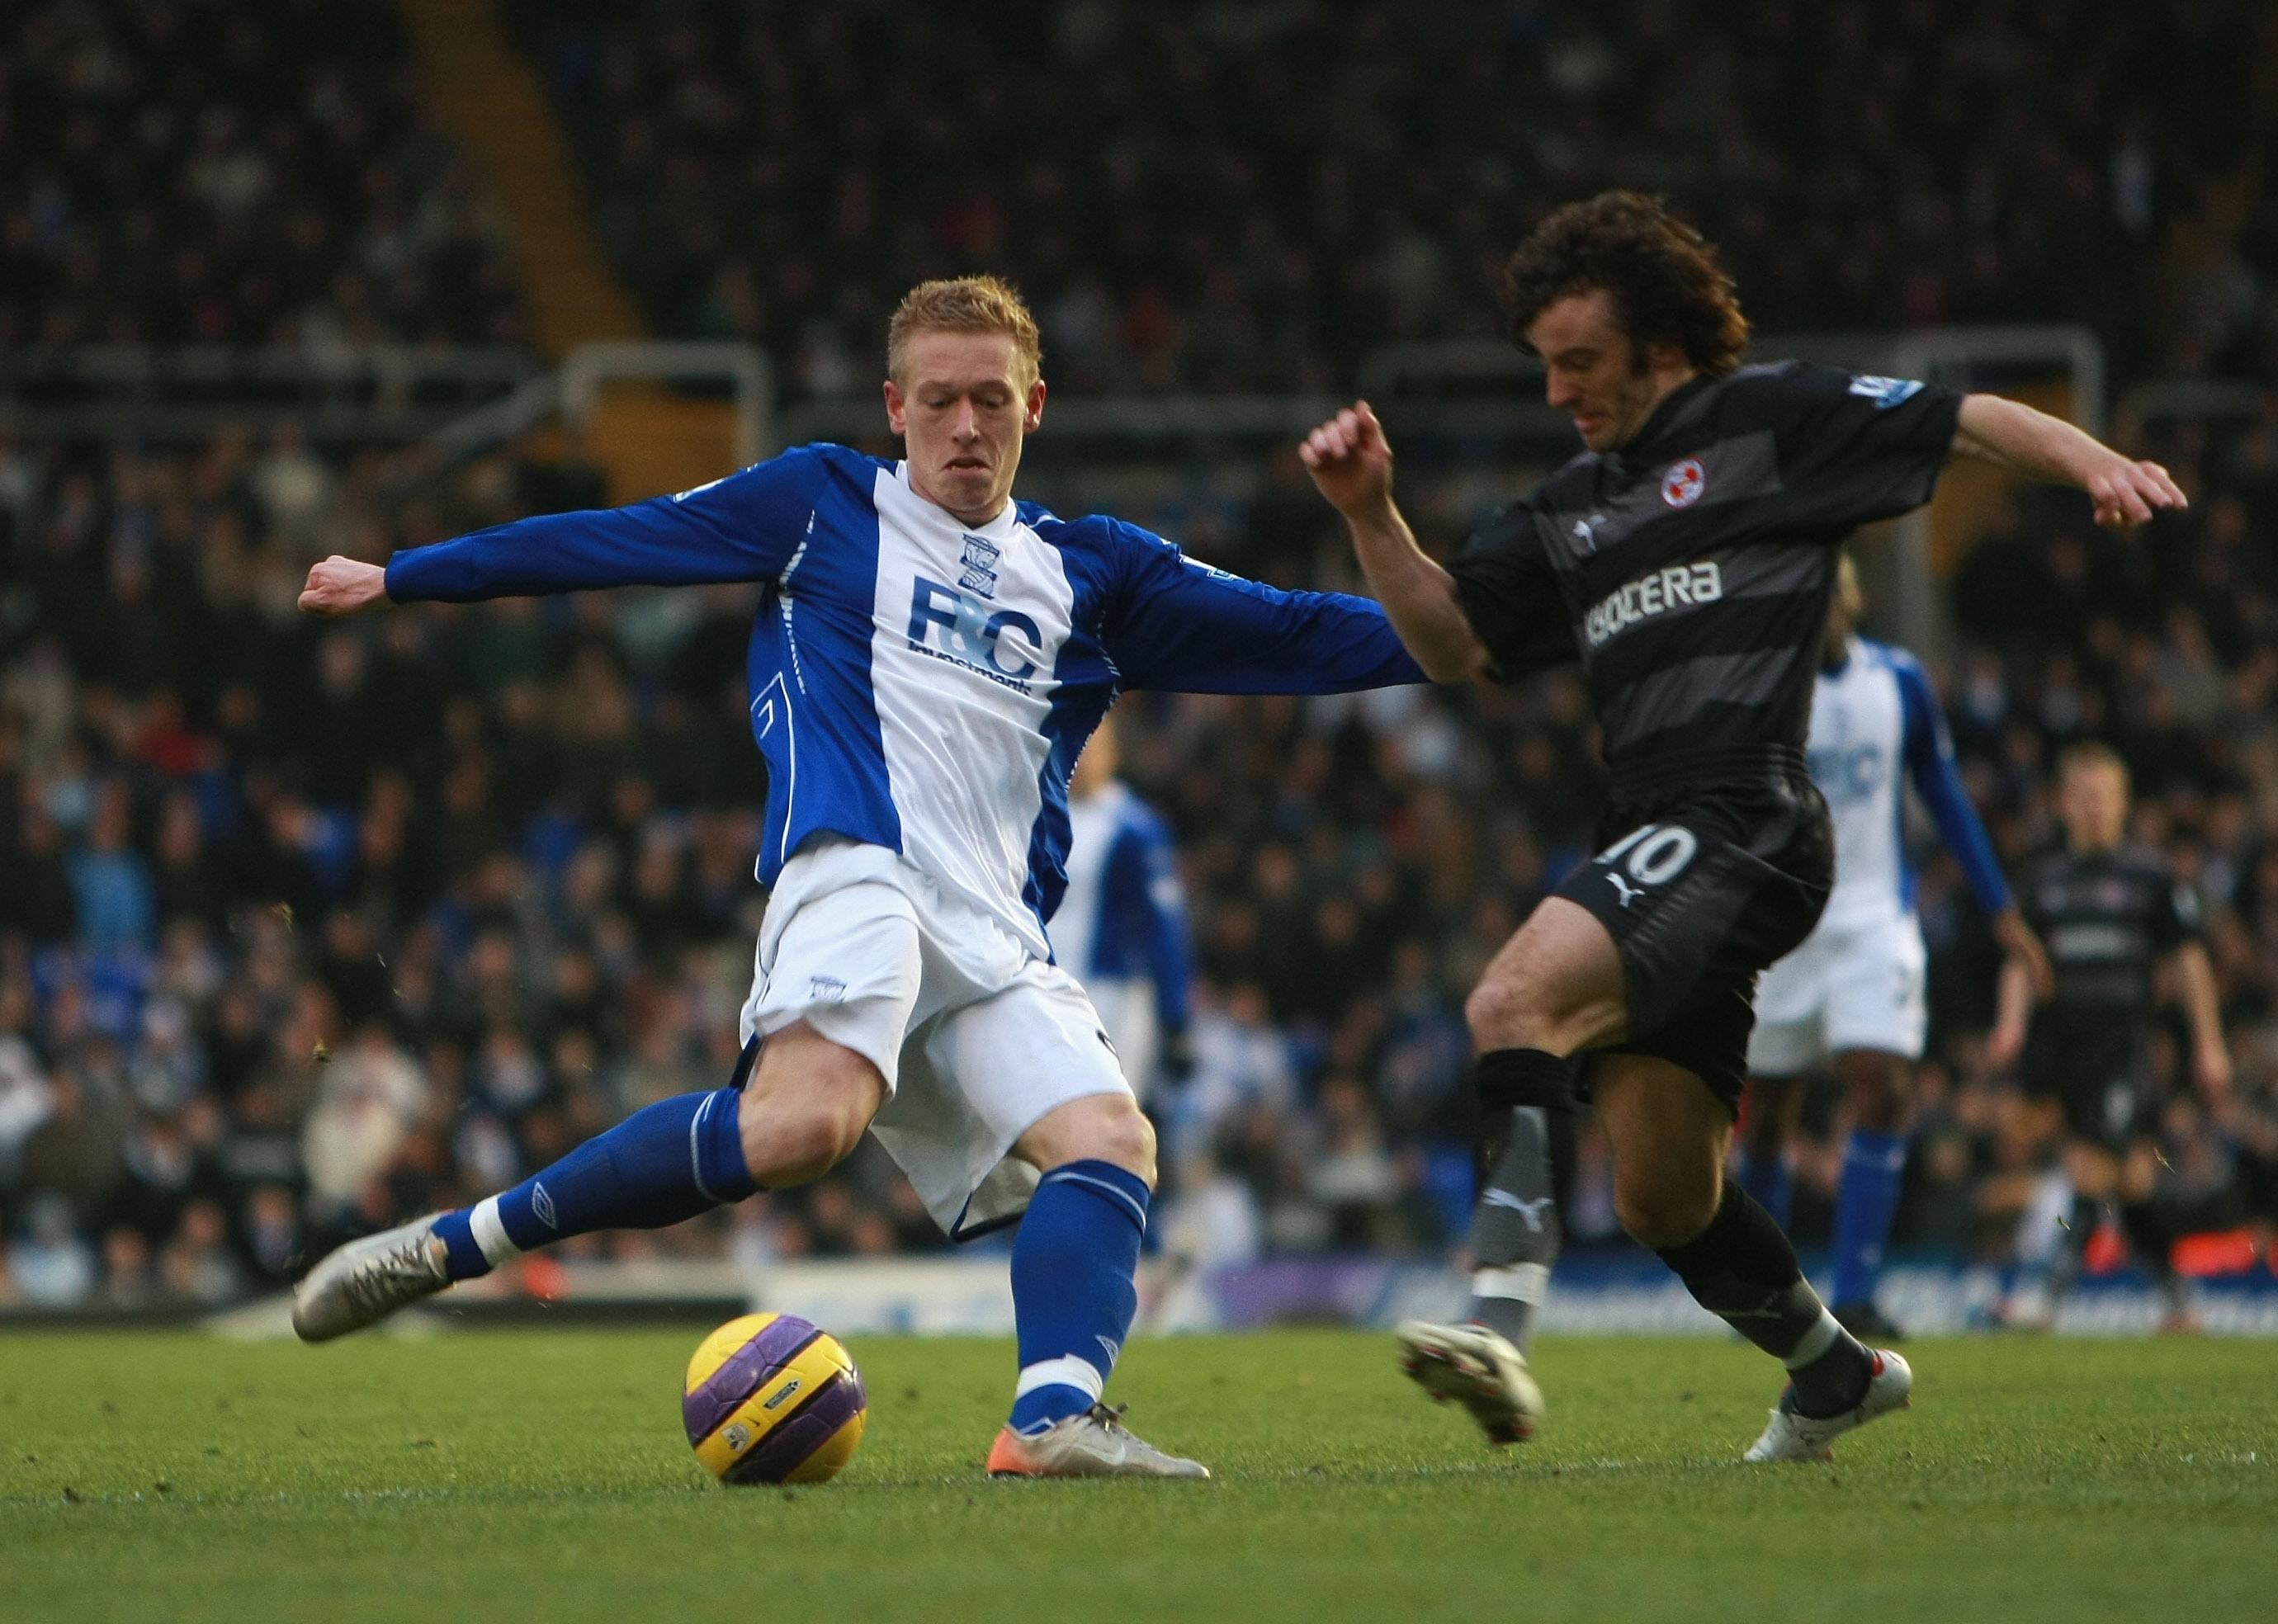 Birmingham v Reading - Premier League